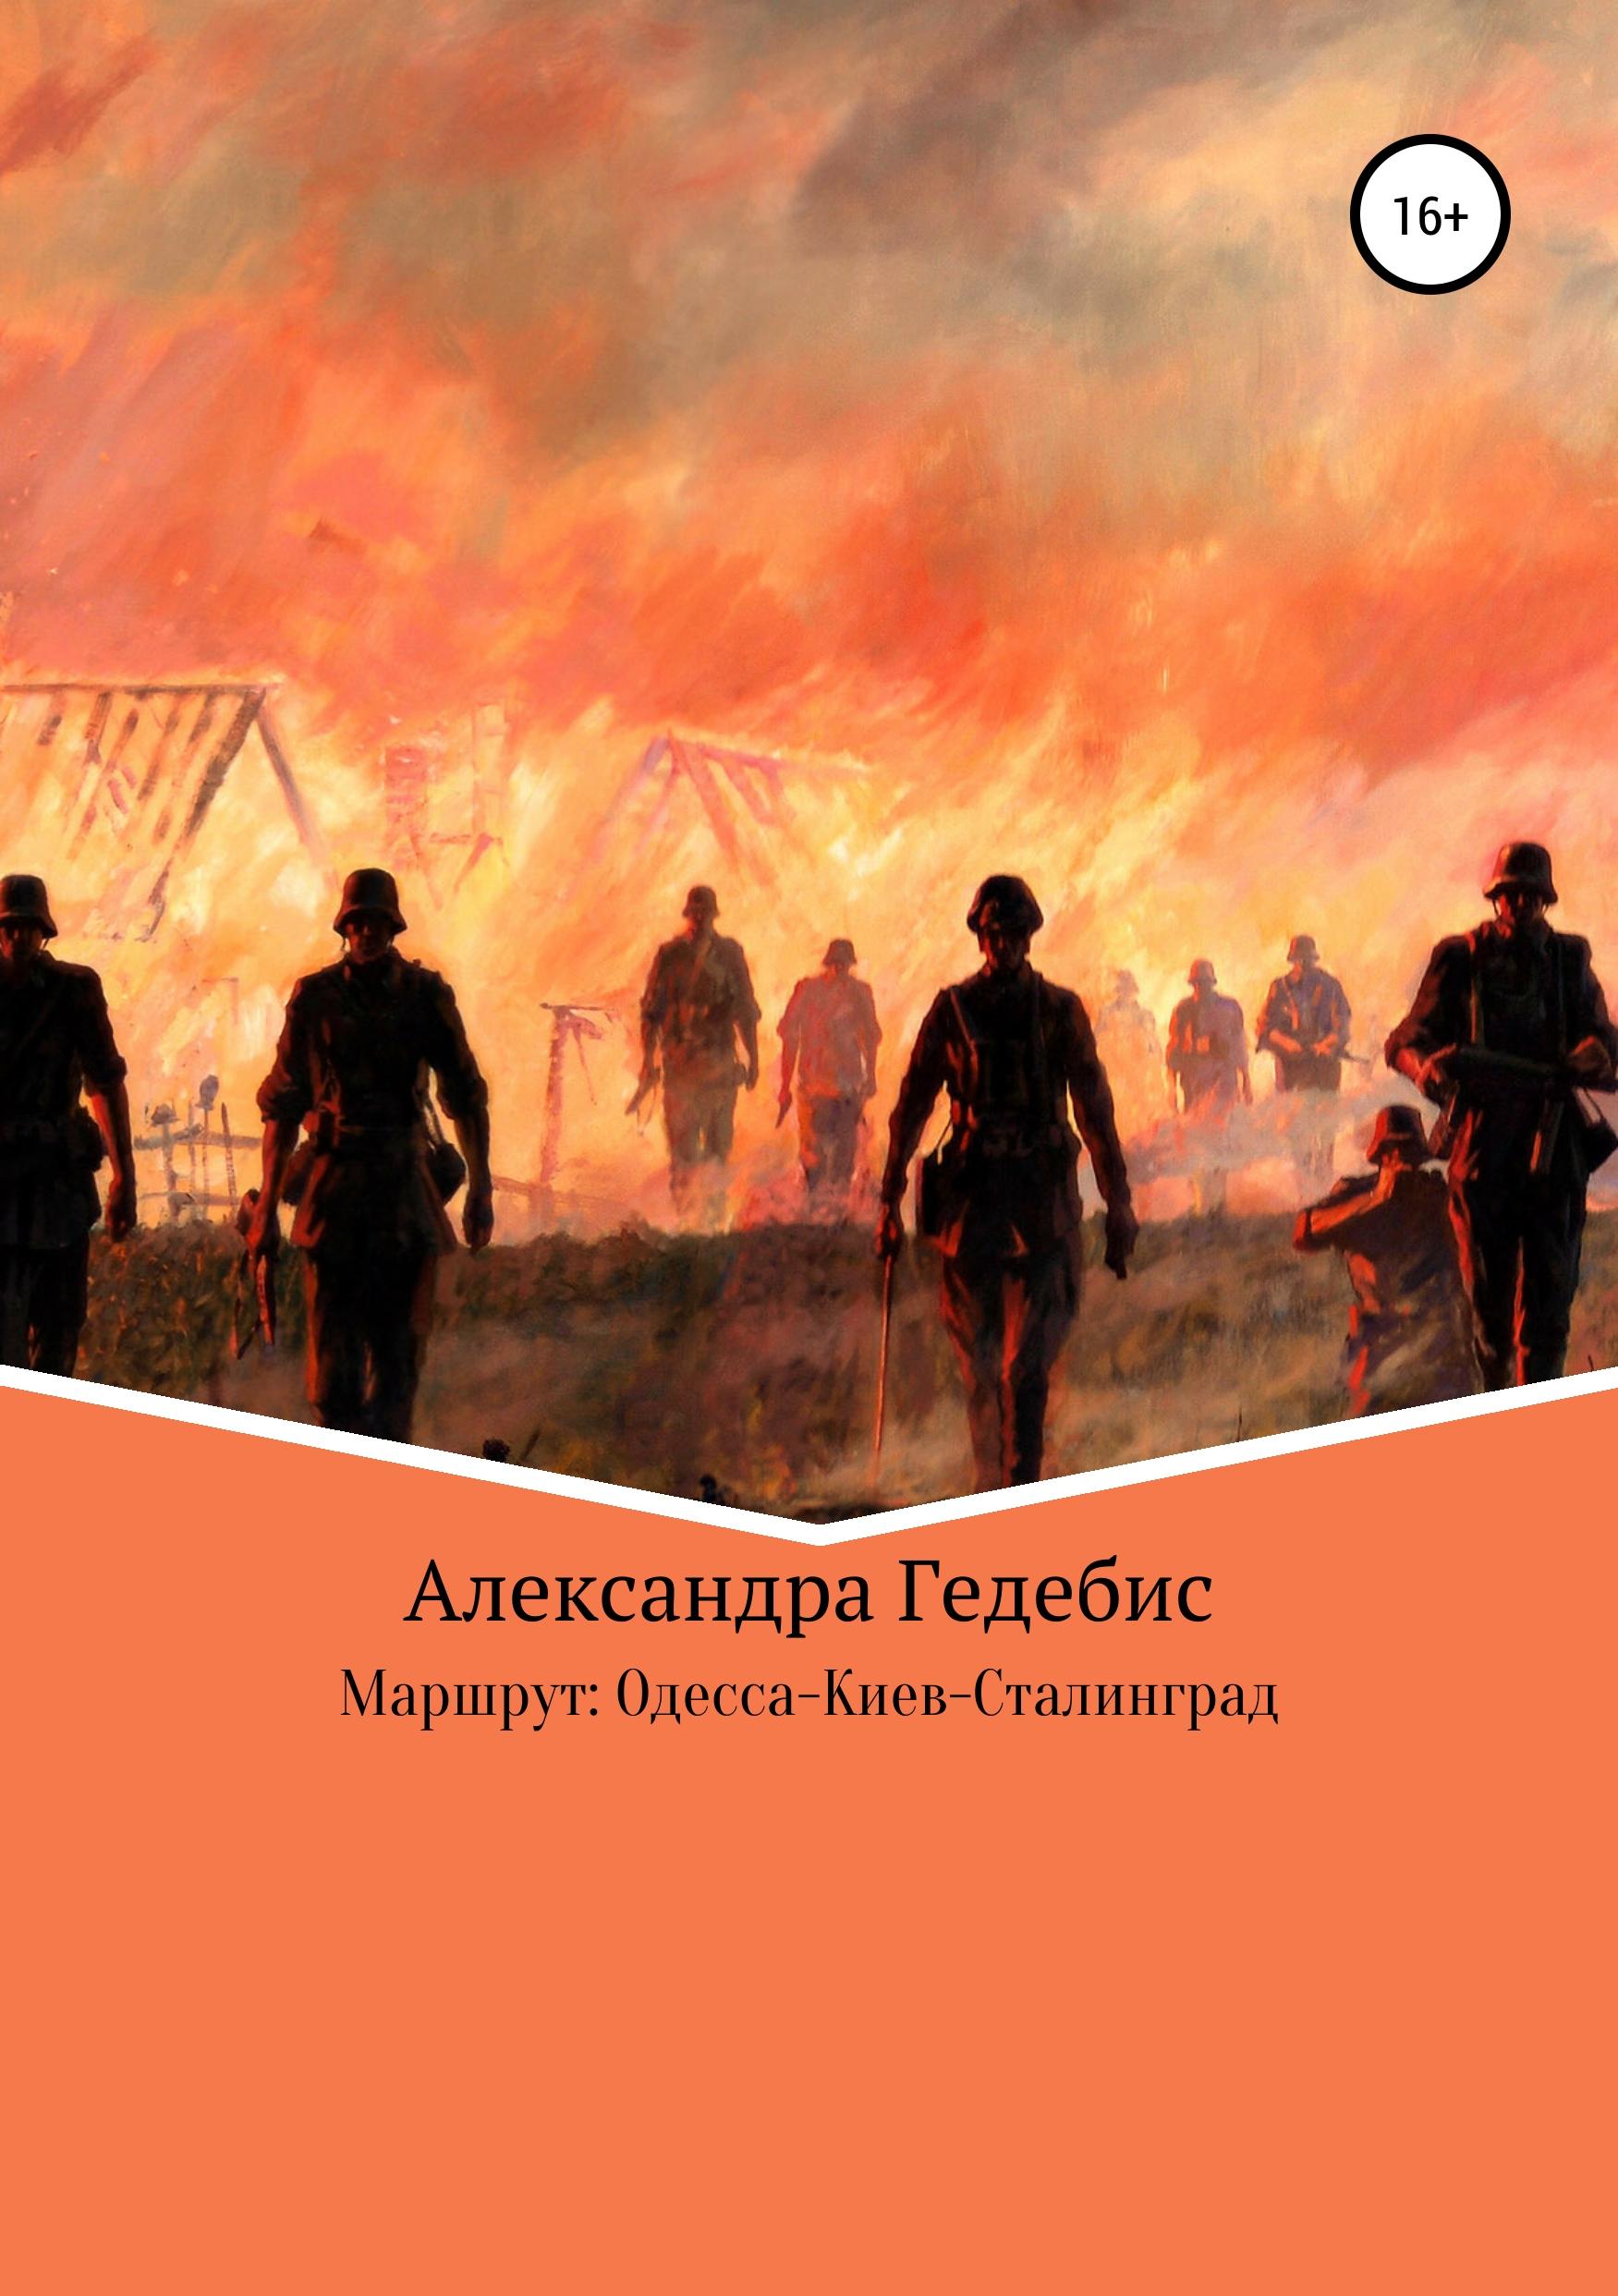 Александра Гедебис Маршрут: Одесса-Киев-Сталинград рейс киев одесса